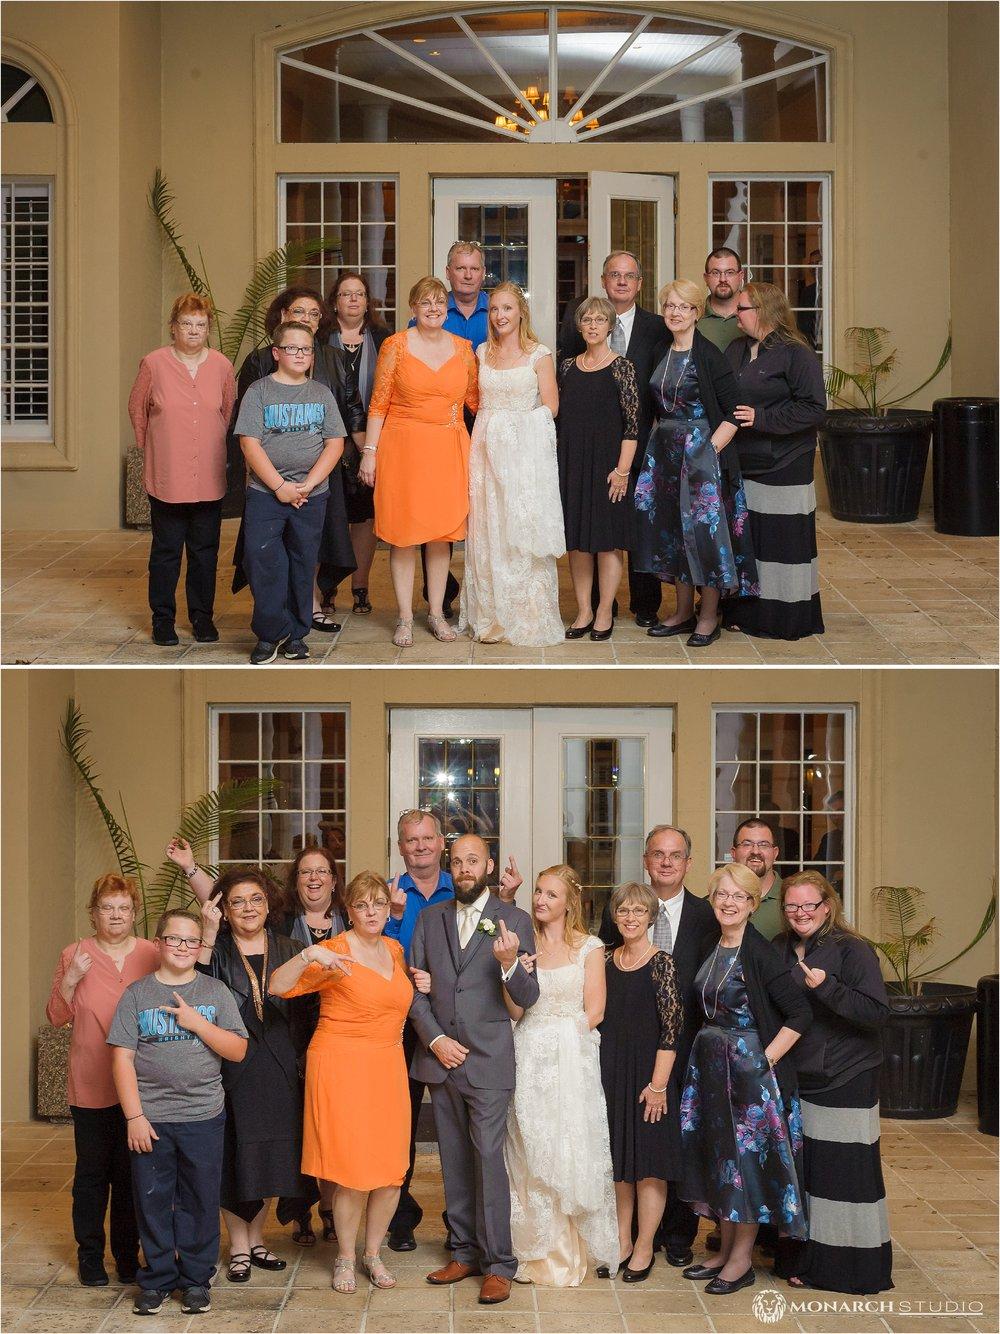 jacksonville-wedding-photographer-queens-harbour-2016-12-15_0081.jpg